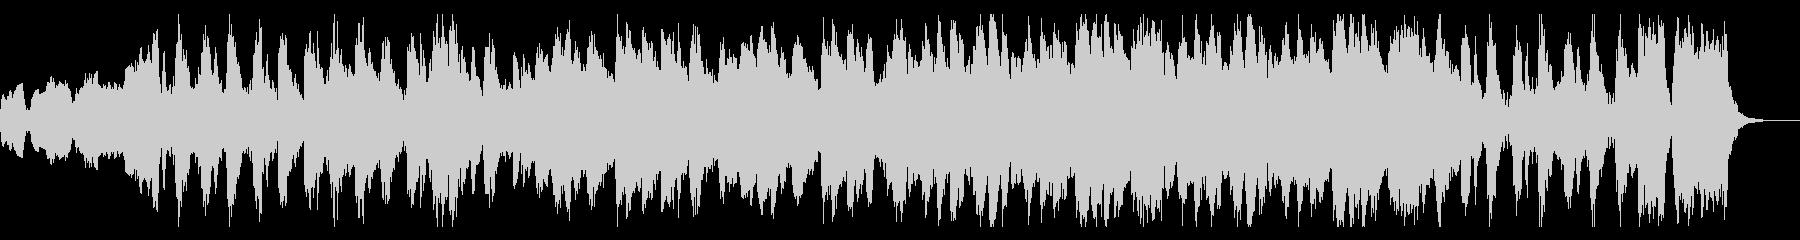 クラシカルに展開繰り広げるゲーム音楽の未再生の波形